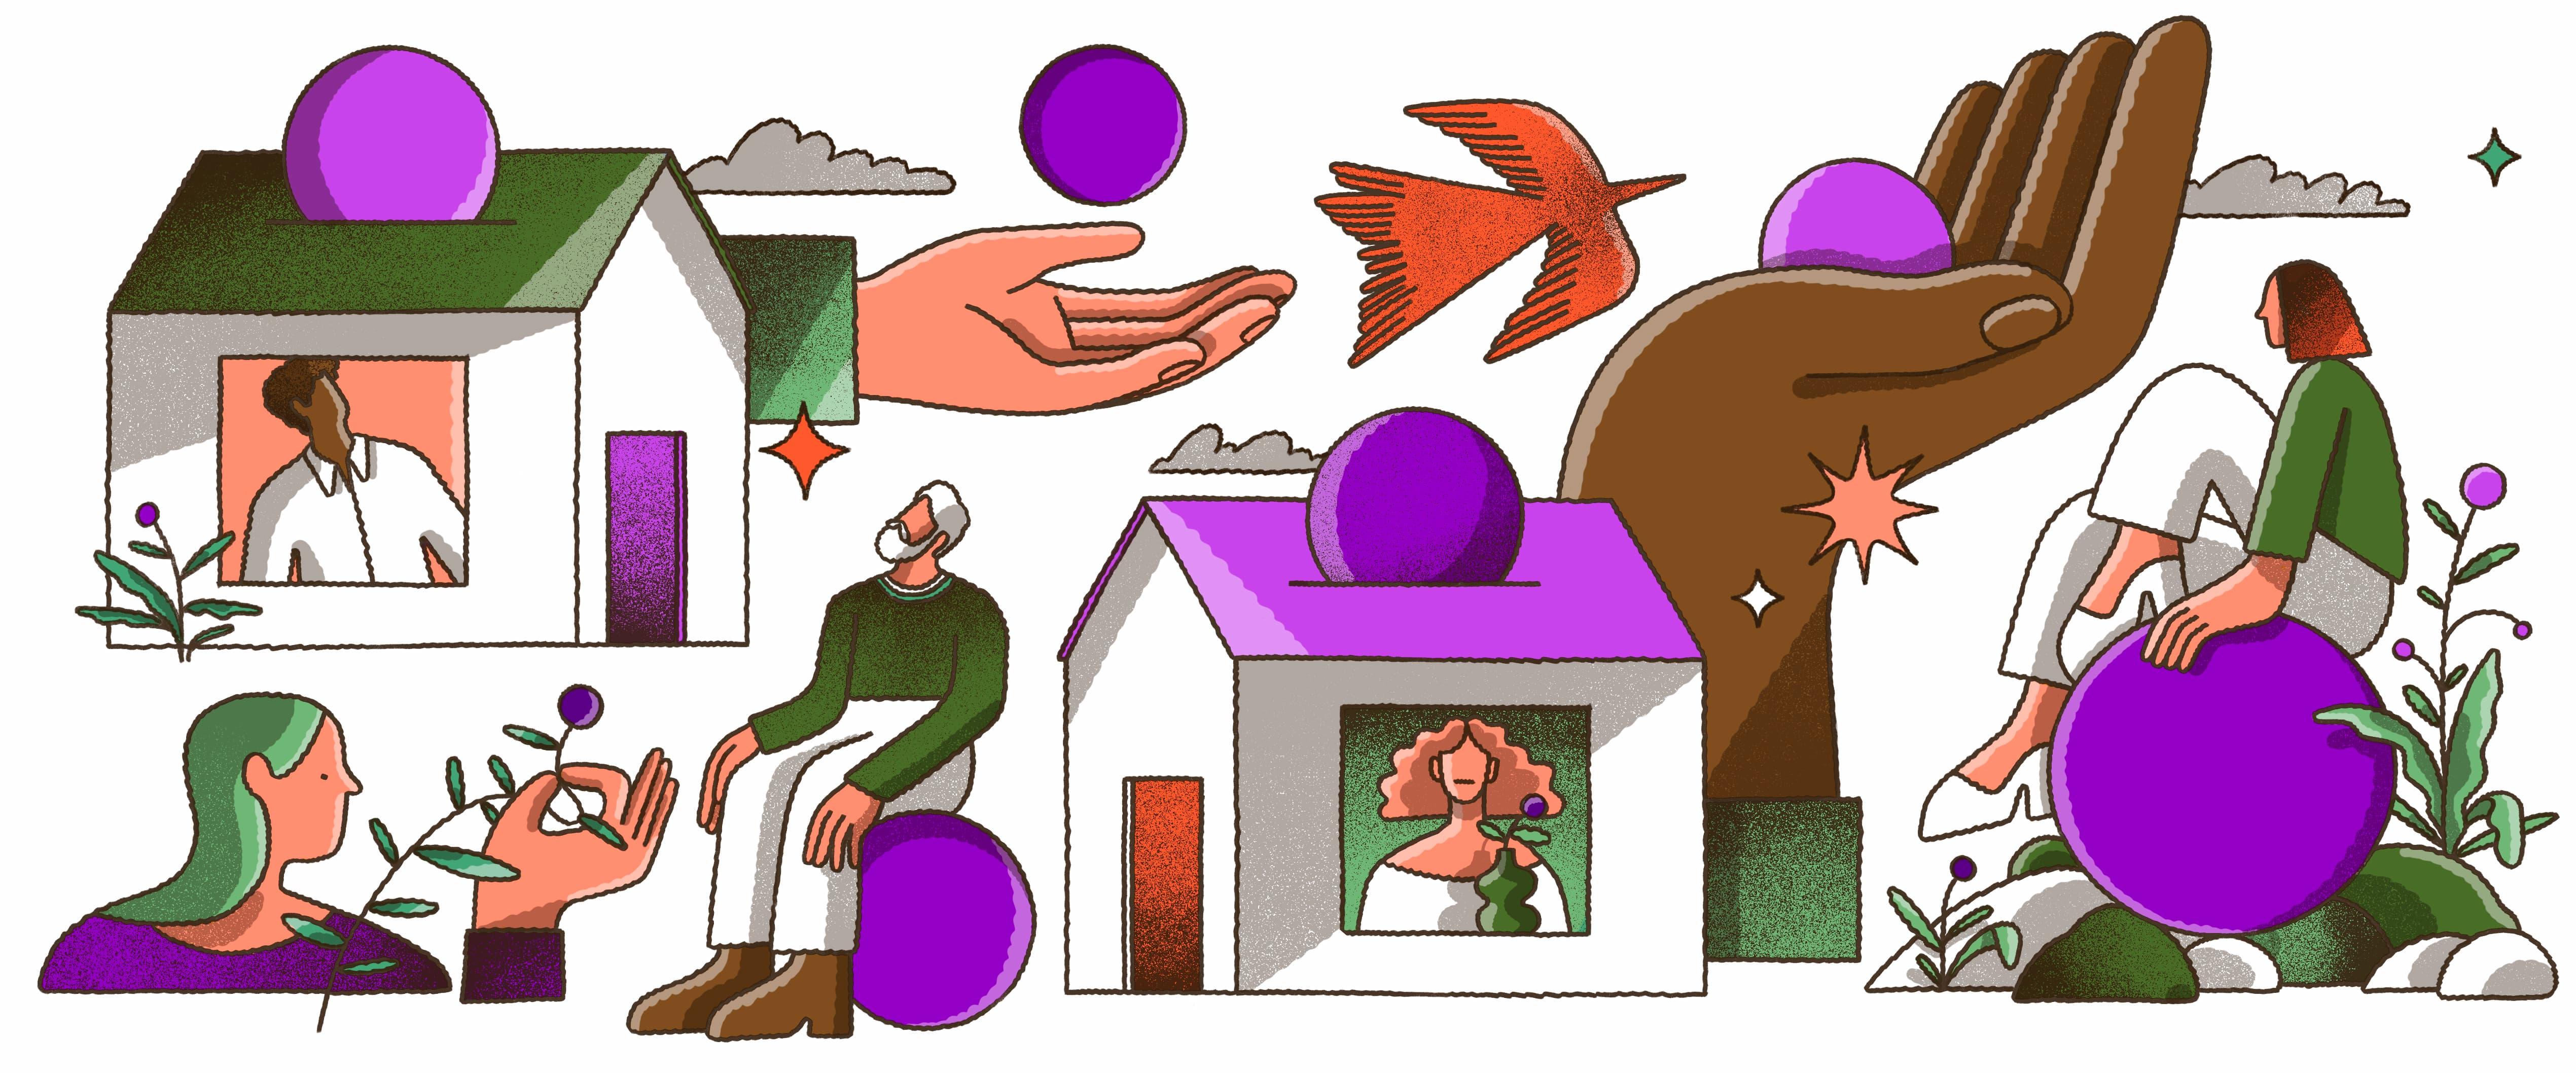 Ilustração que mistura vários elementos: duas casas, uma de telhado verde e outra de telhado roxo, cada uma com uma pessoa olhando pela janela e círculos roxos entrando pelo teto como se fosse uma moeda em um cofre; duas pessoas sentadas sobre círculos roxos; mãos segurando os círculos roxos; uma andorinha vermelha voando